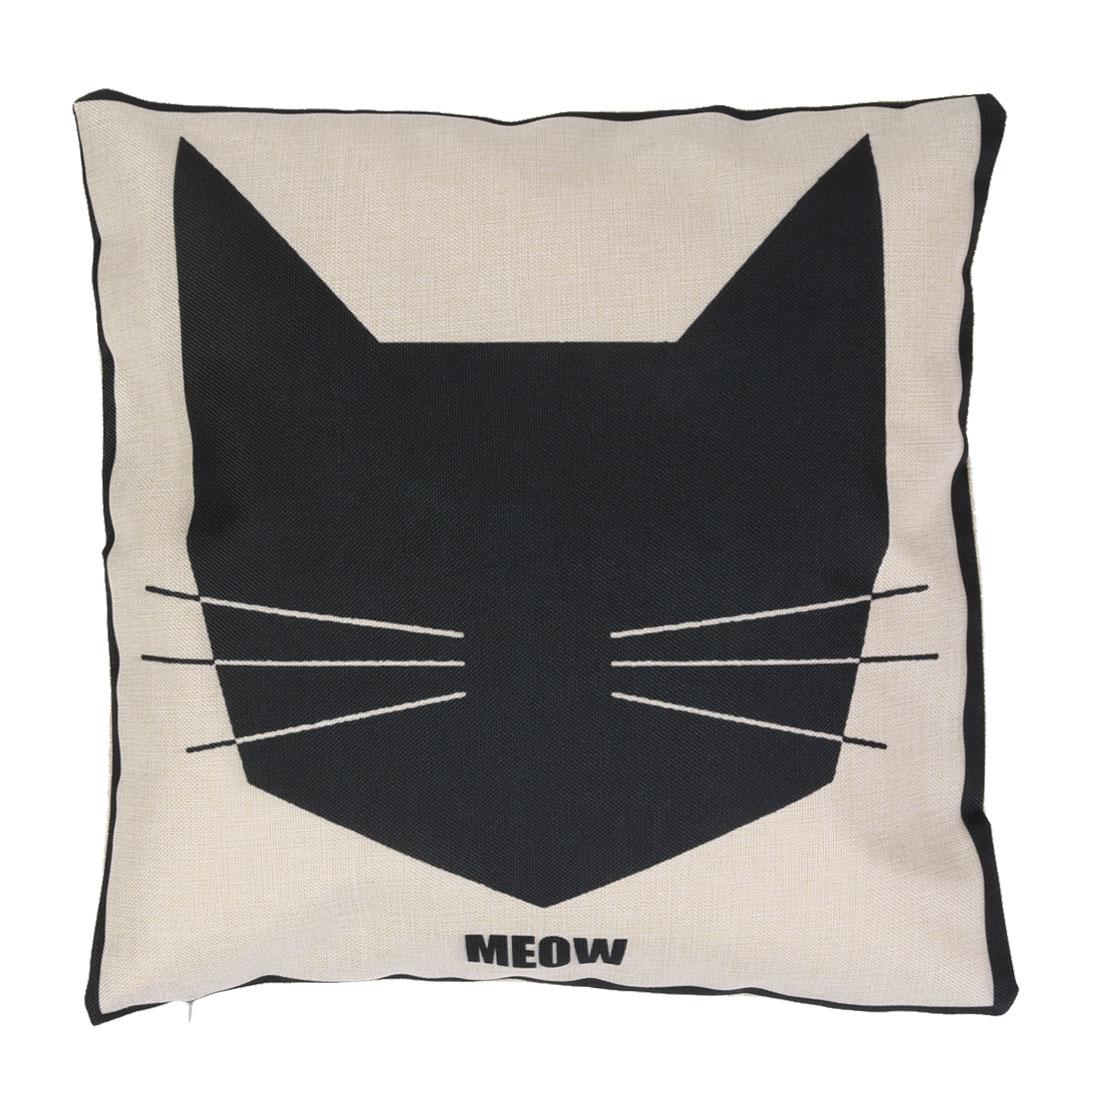 Unique BargainsHome Cotton Linen Cat Print  Table Pillow Slip Cushion Cover 18 x 18 Inches